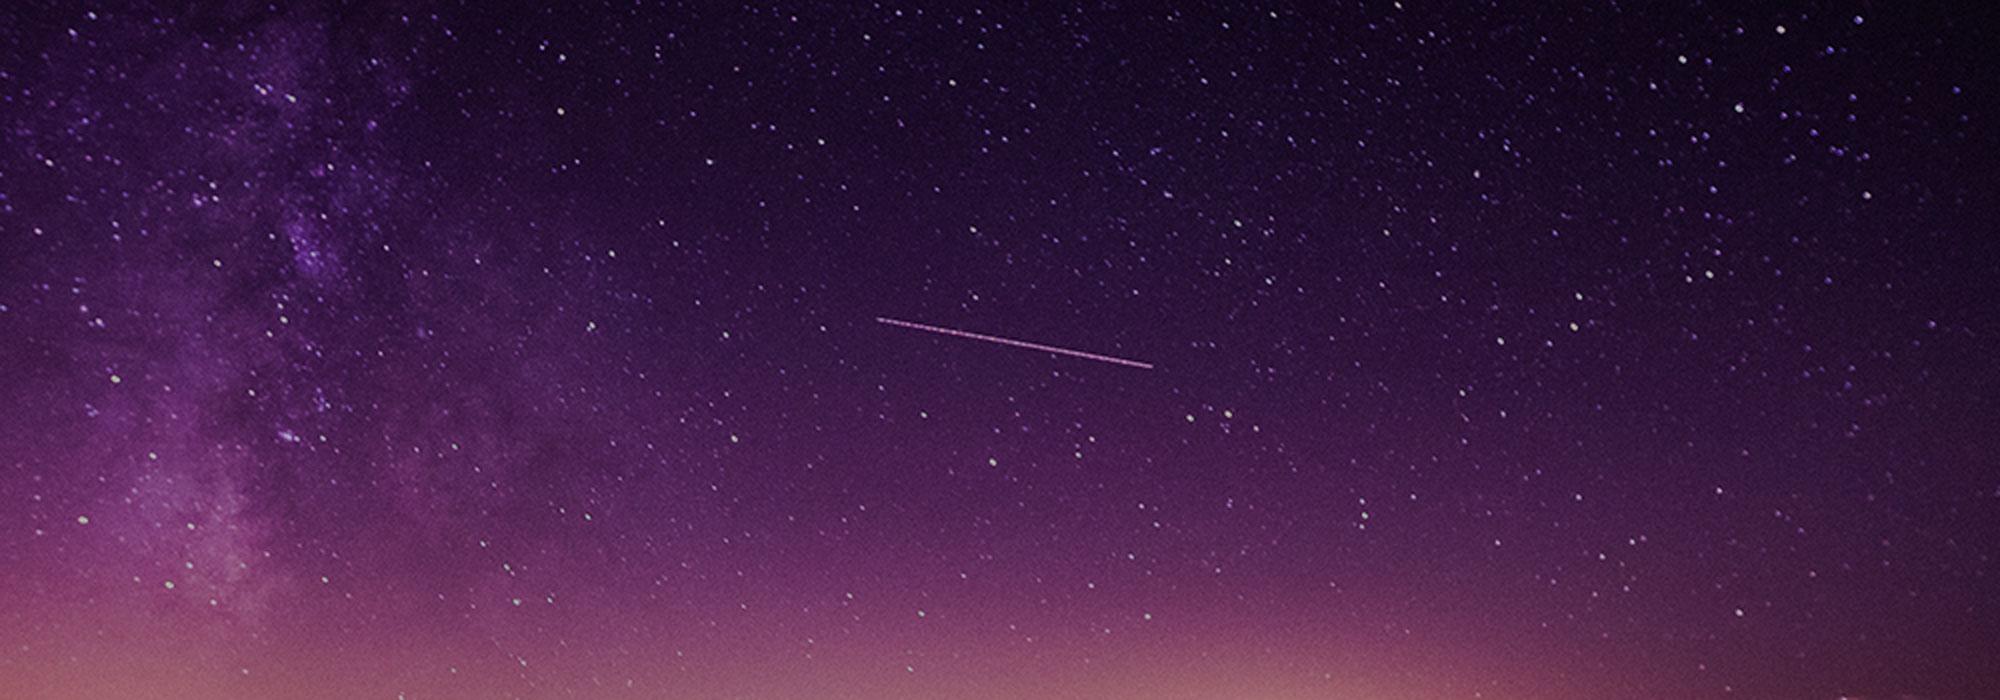 _dipi_ruck_astronomy_bg